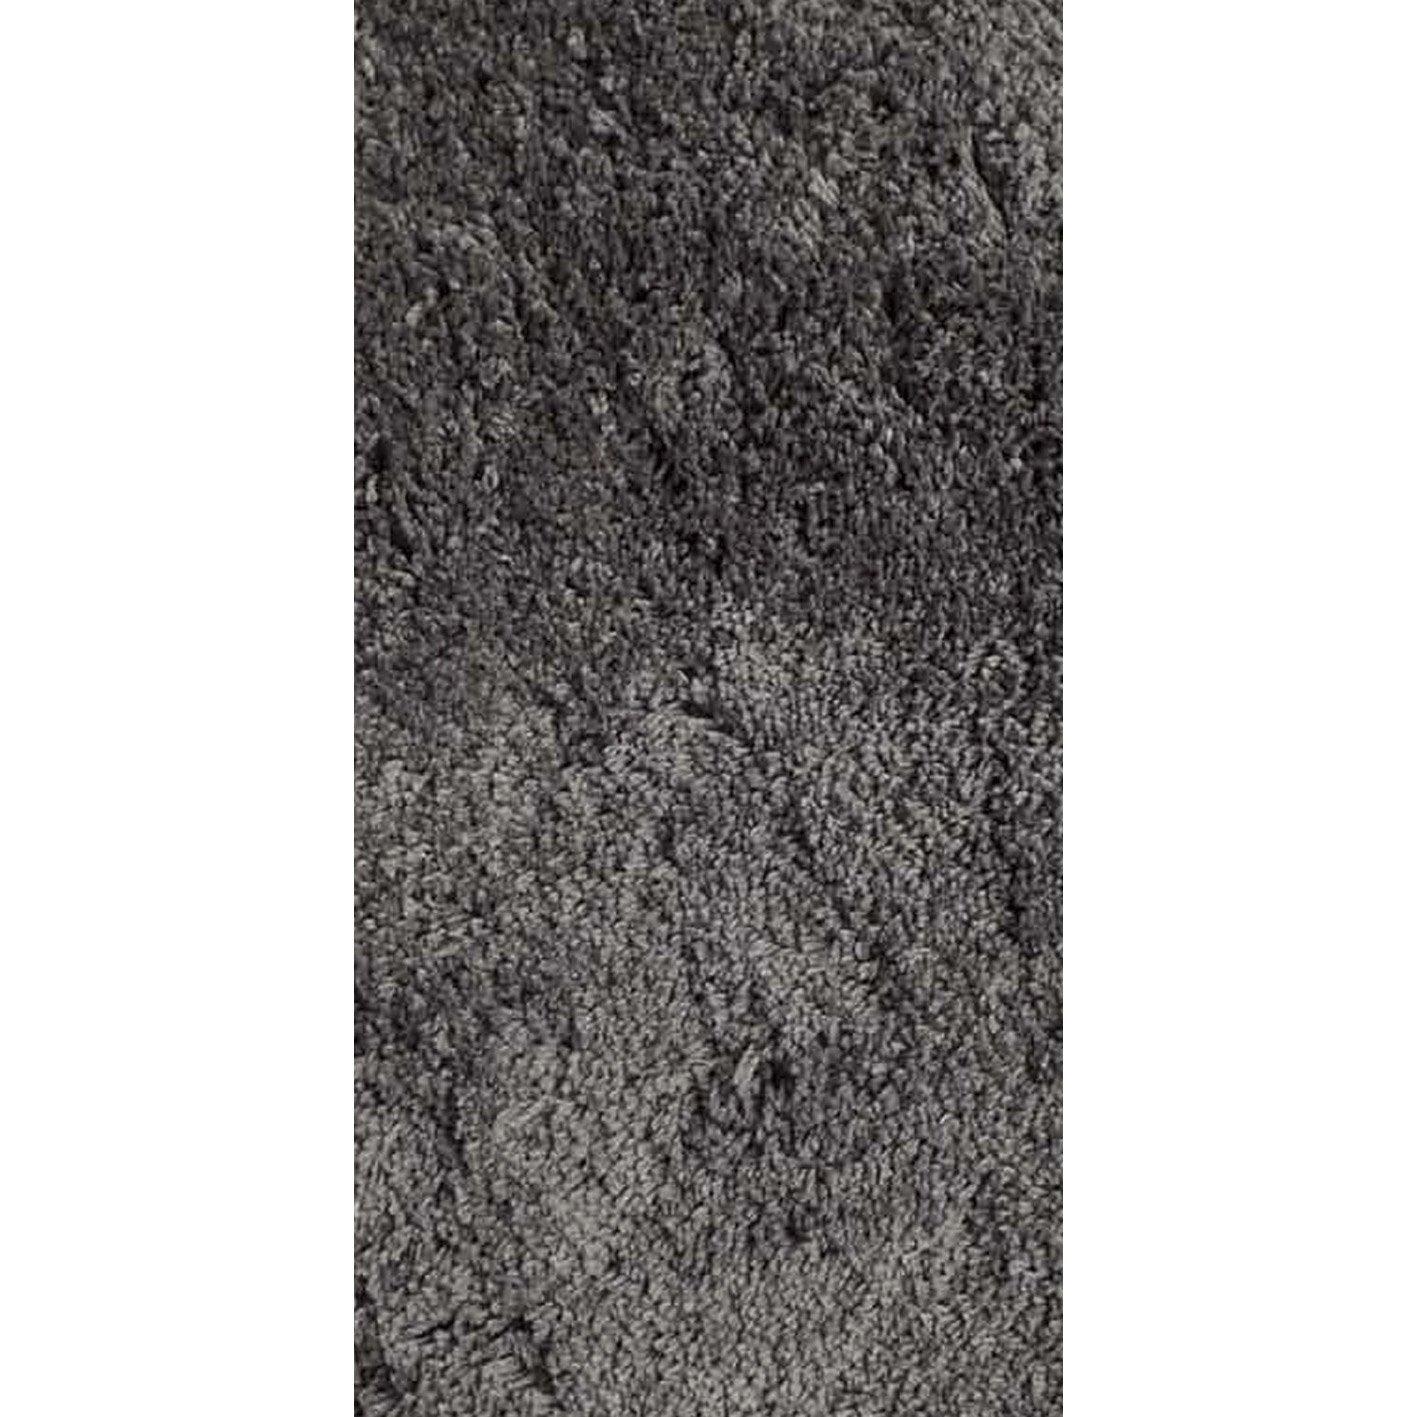 Tapis gris foncé rectangulaire, l.60 x L.120 cm Agathe